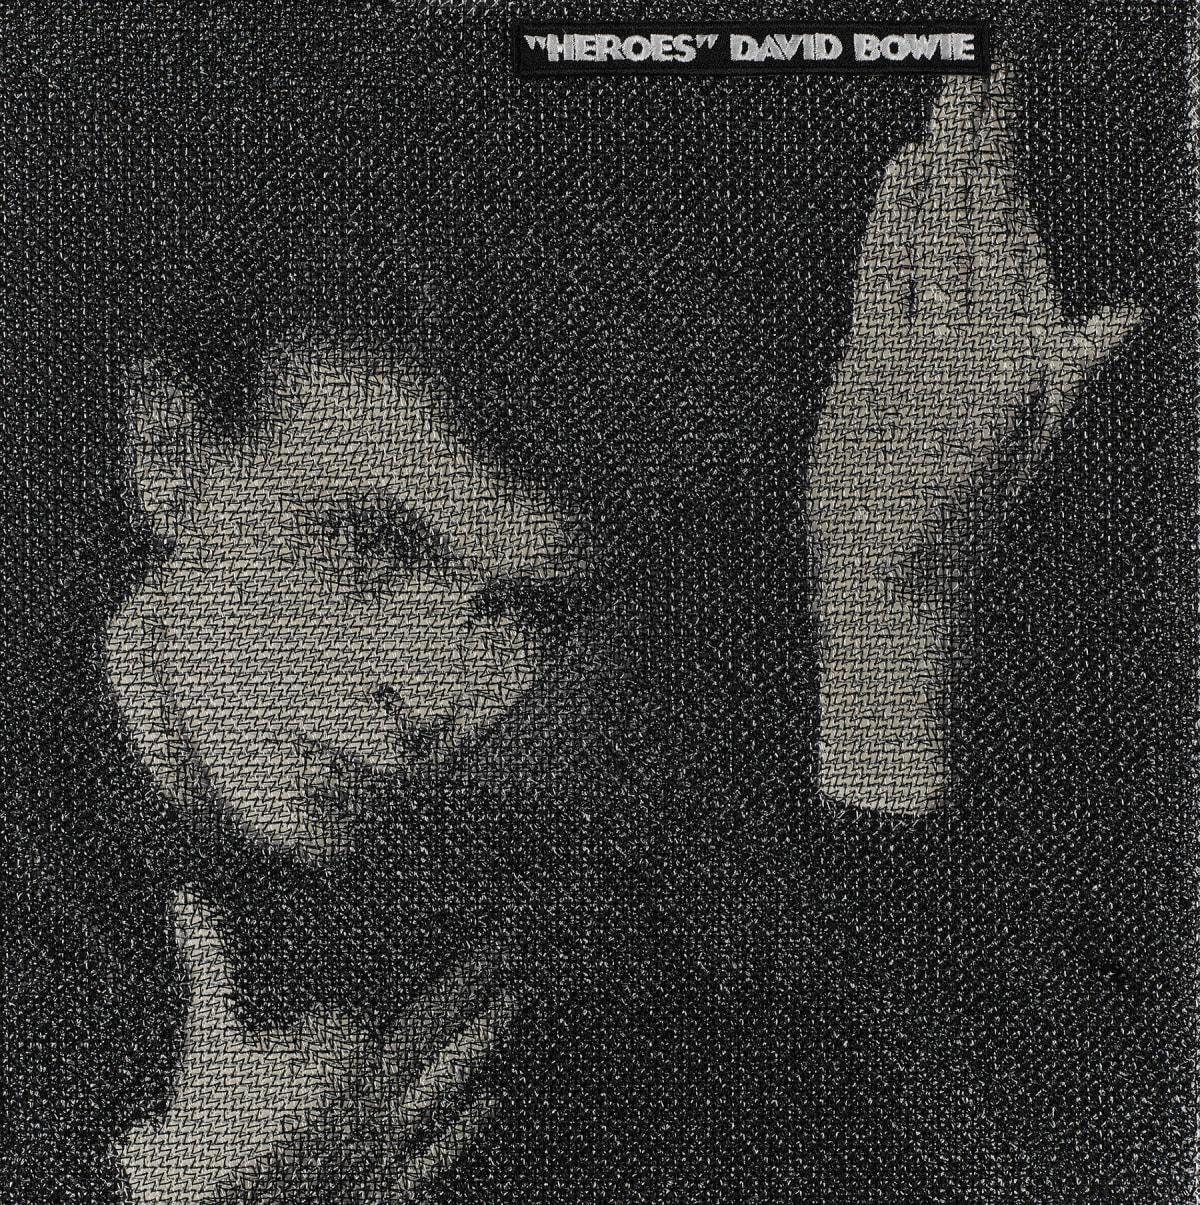 Stephen Wilson, Heroes, David Bowie, 2020